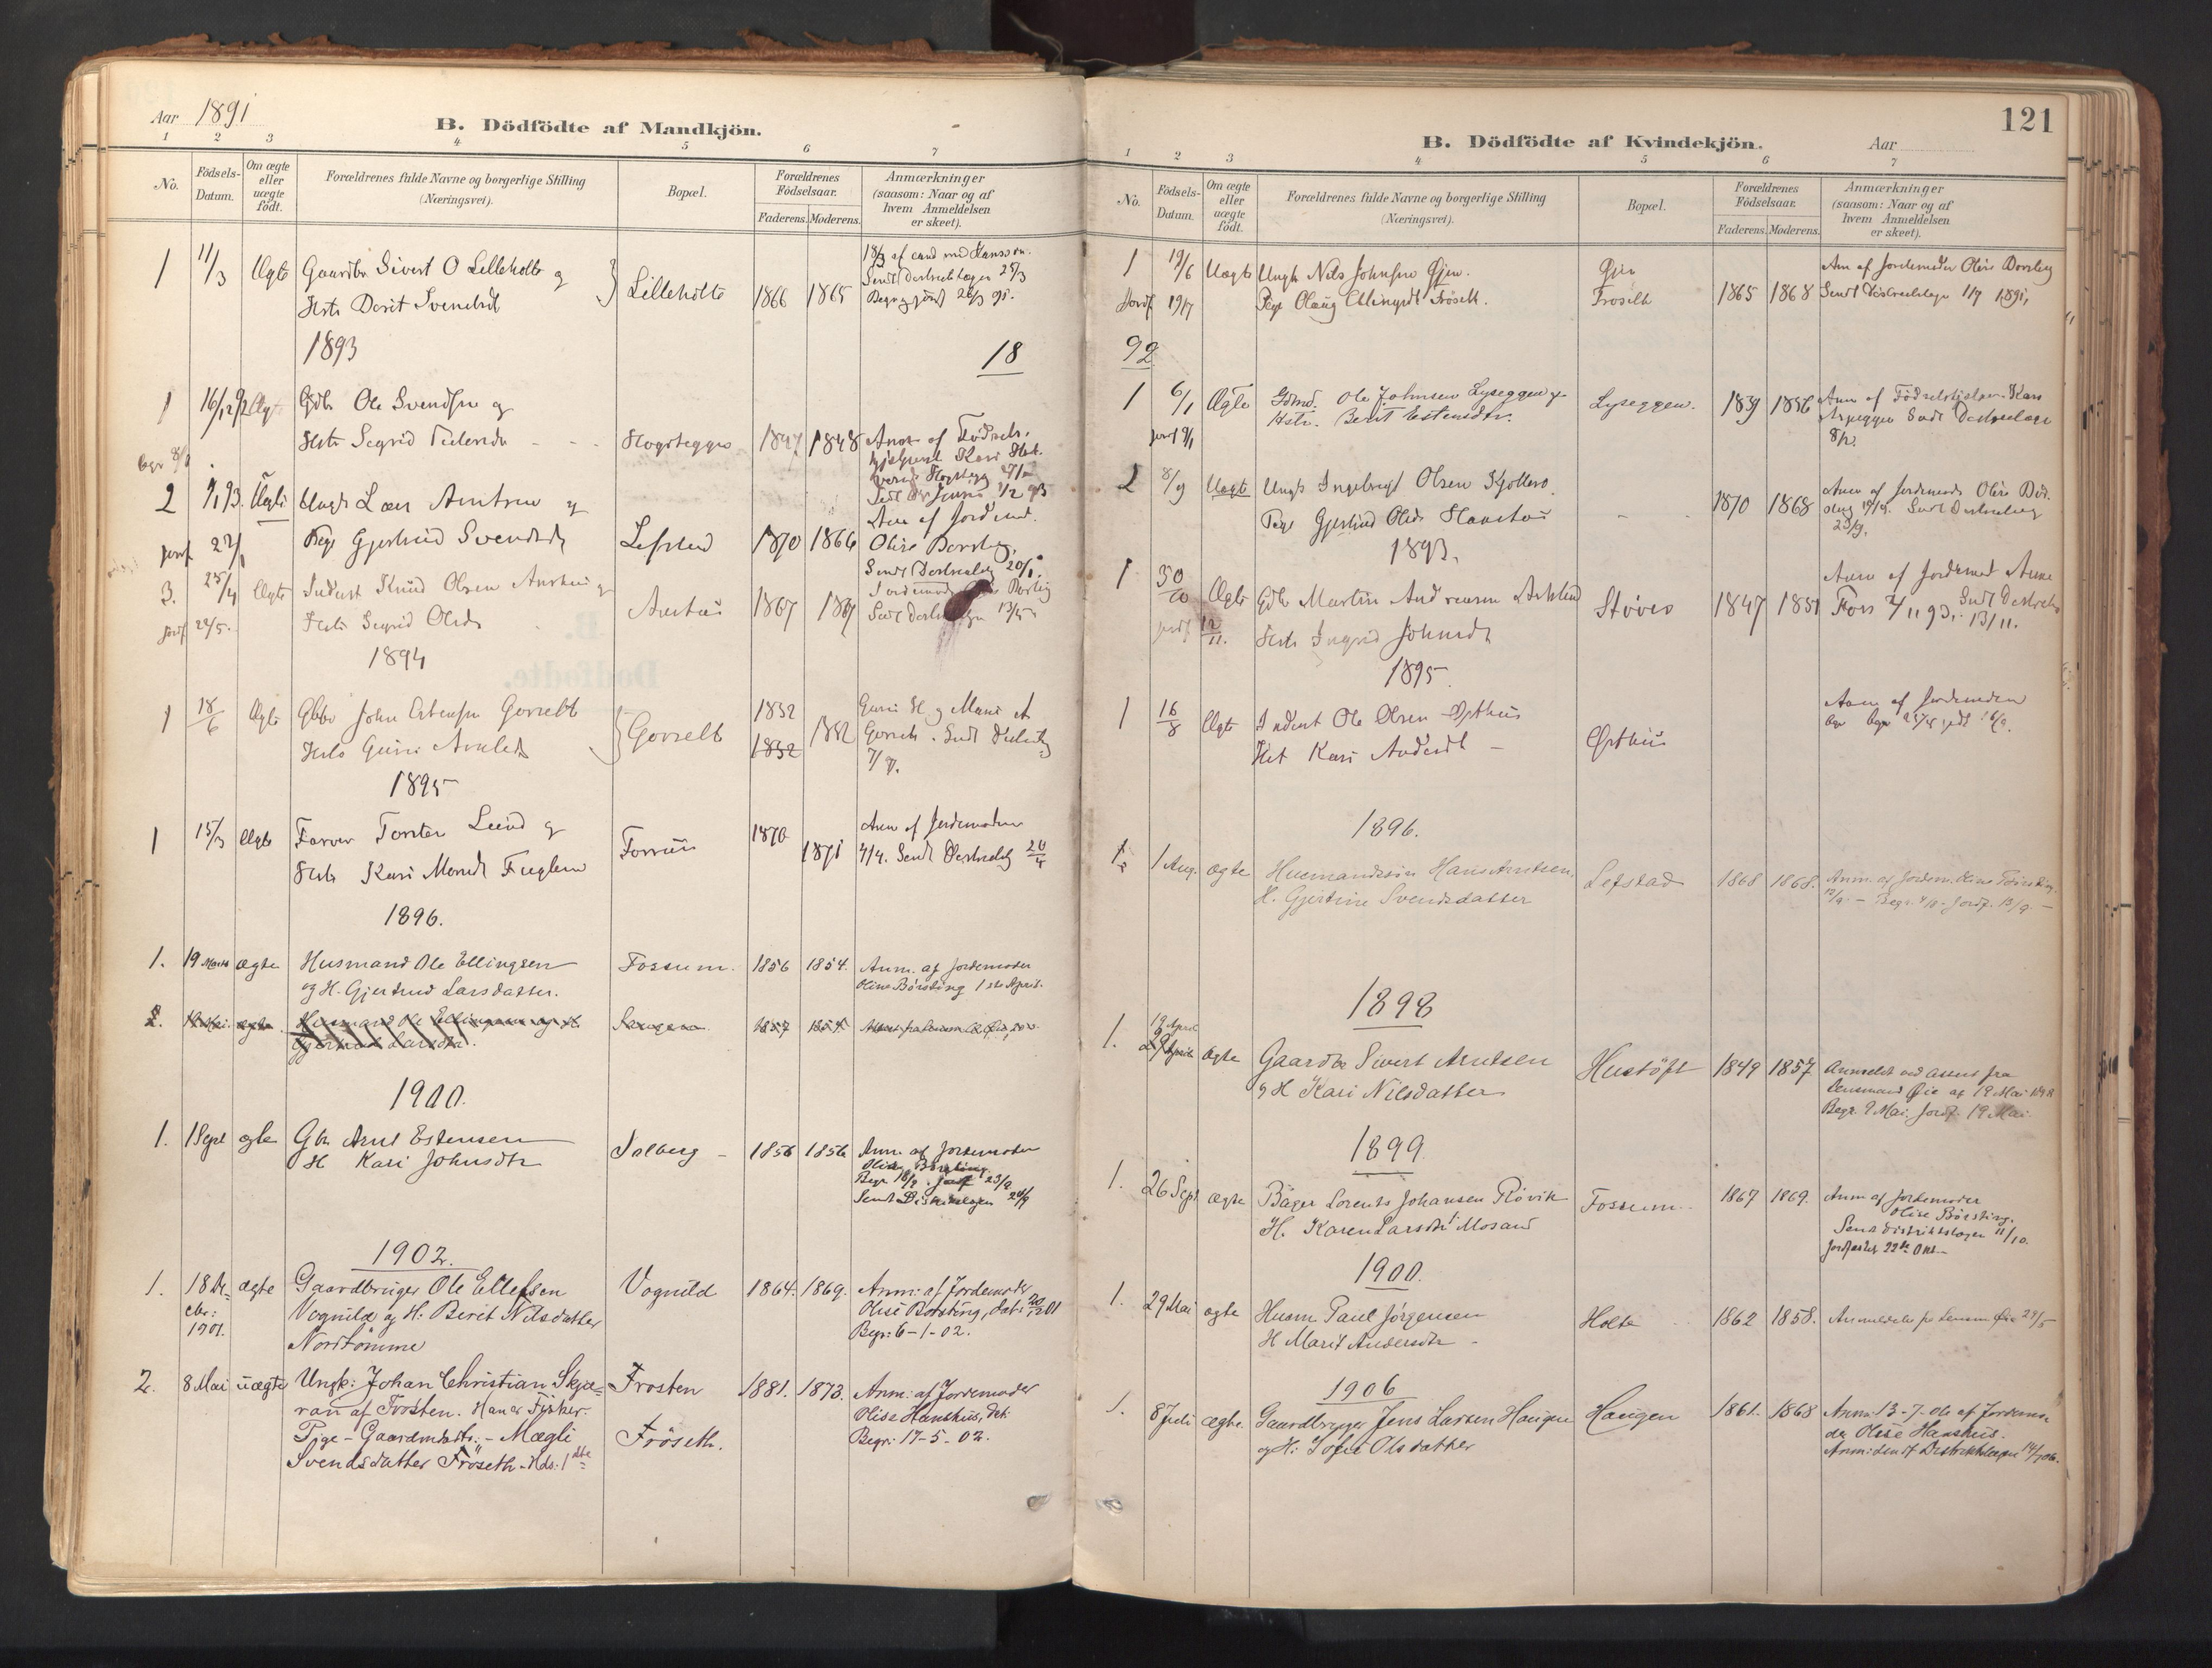 SAT, Ministerialprotokoller, klokkerbøker og fødselsregistre - Sør-Trøndelag, 689/L1041: Ministerialbok nr. 689A06, 1891-1923, s. 121